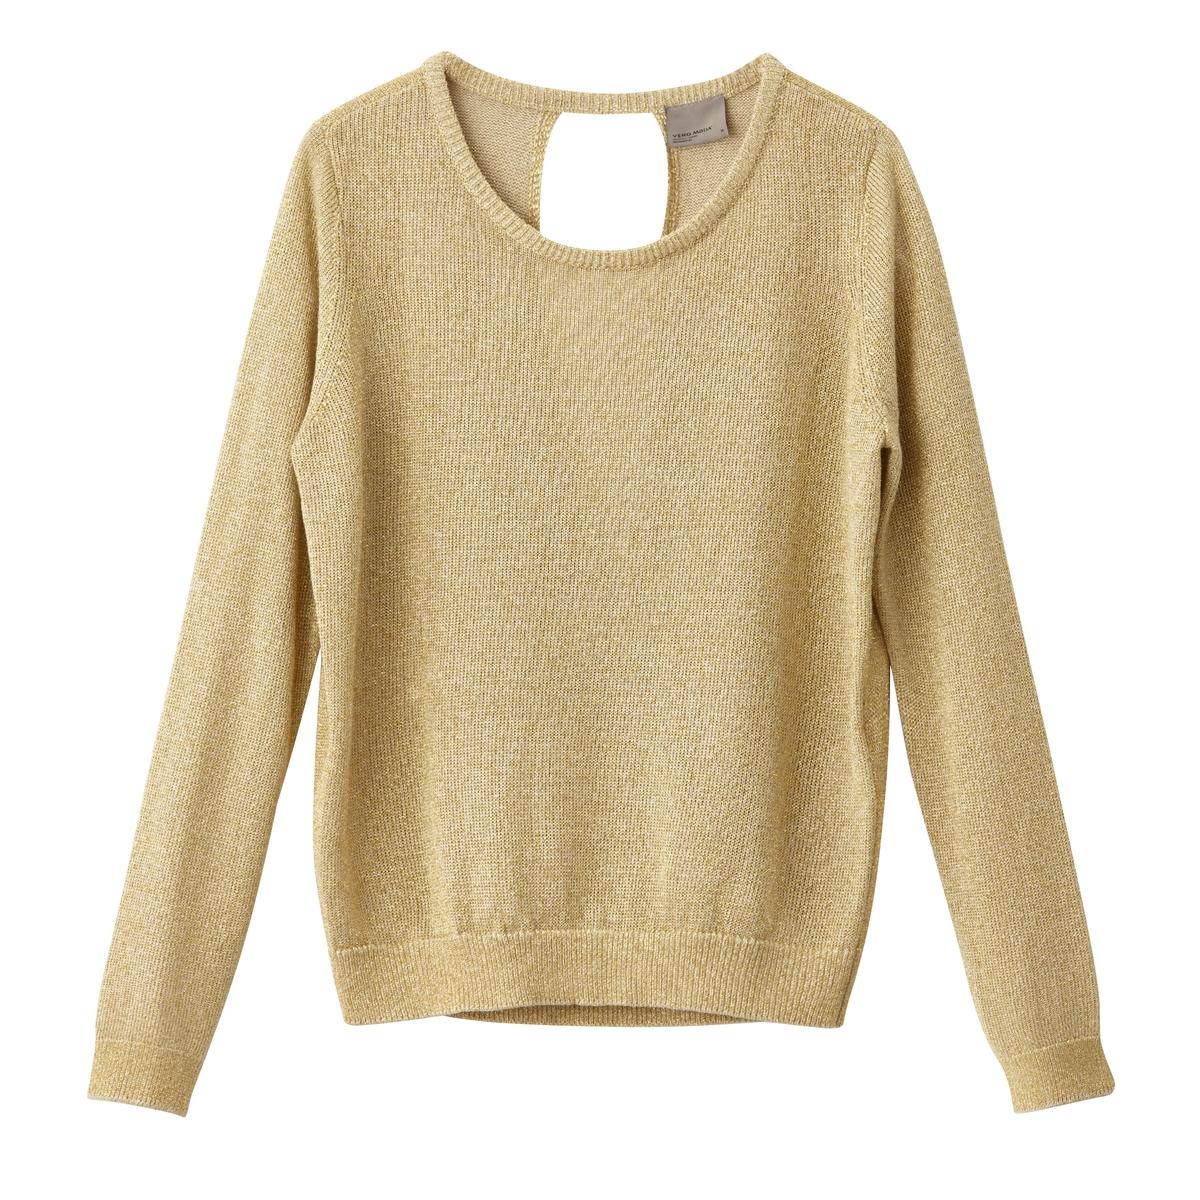 Пуловер с круглым вырезомОписание:Детали  • Пуловер прямого покроя •  Длинные рукава •  Круглый вырез •  Плотный трикотажСостав и уход •  80% вискозы, 20% металла •  Инструкцию по уходу смотреть на бирке<br><br>Цвет: розовый,экрю<br>Размер: XL.XS